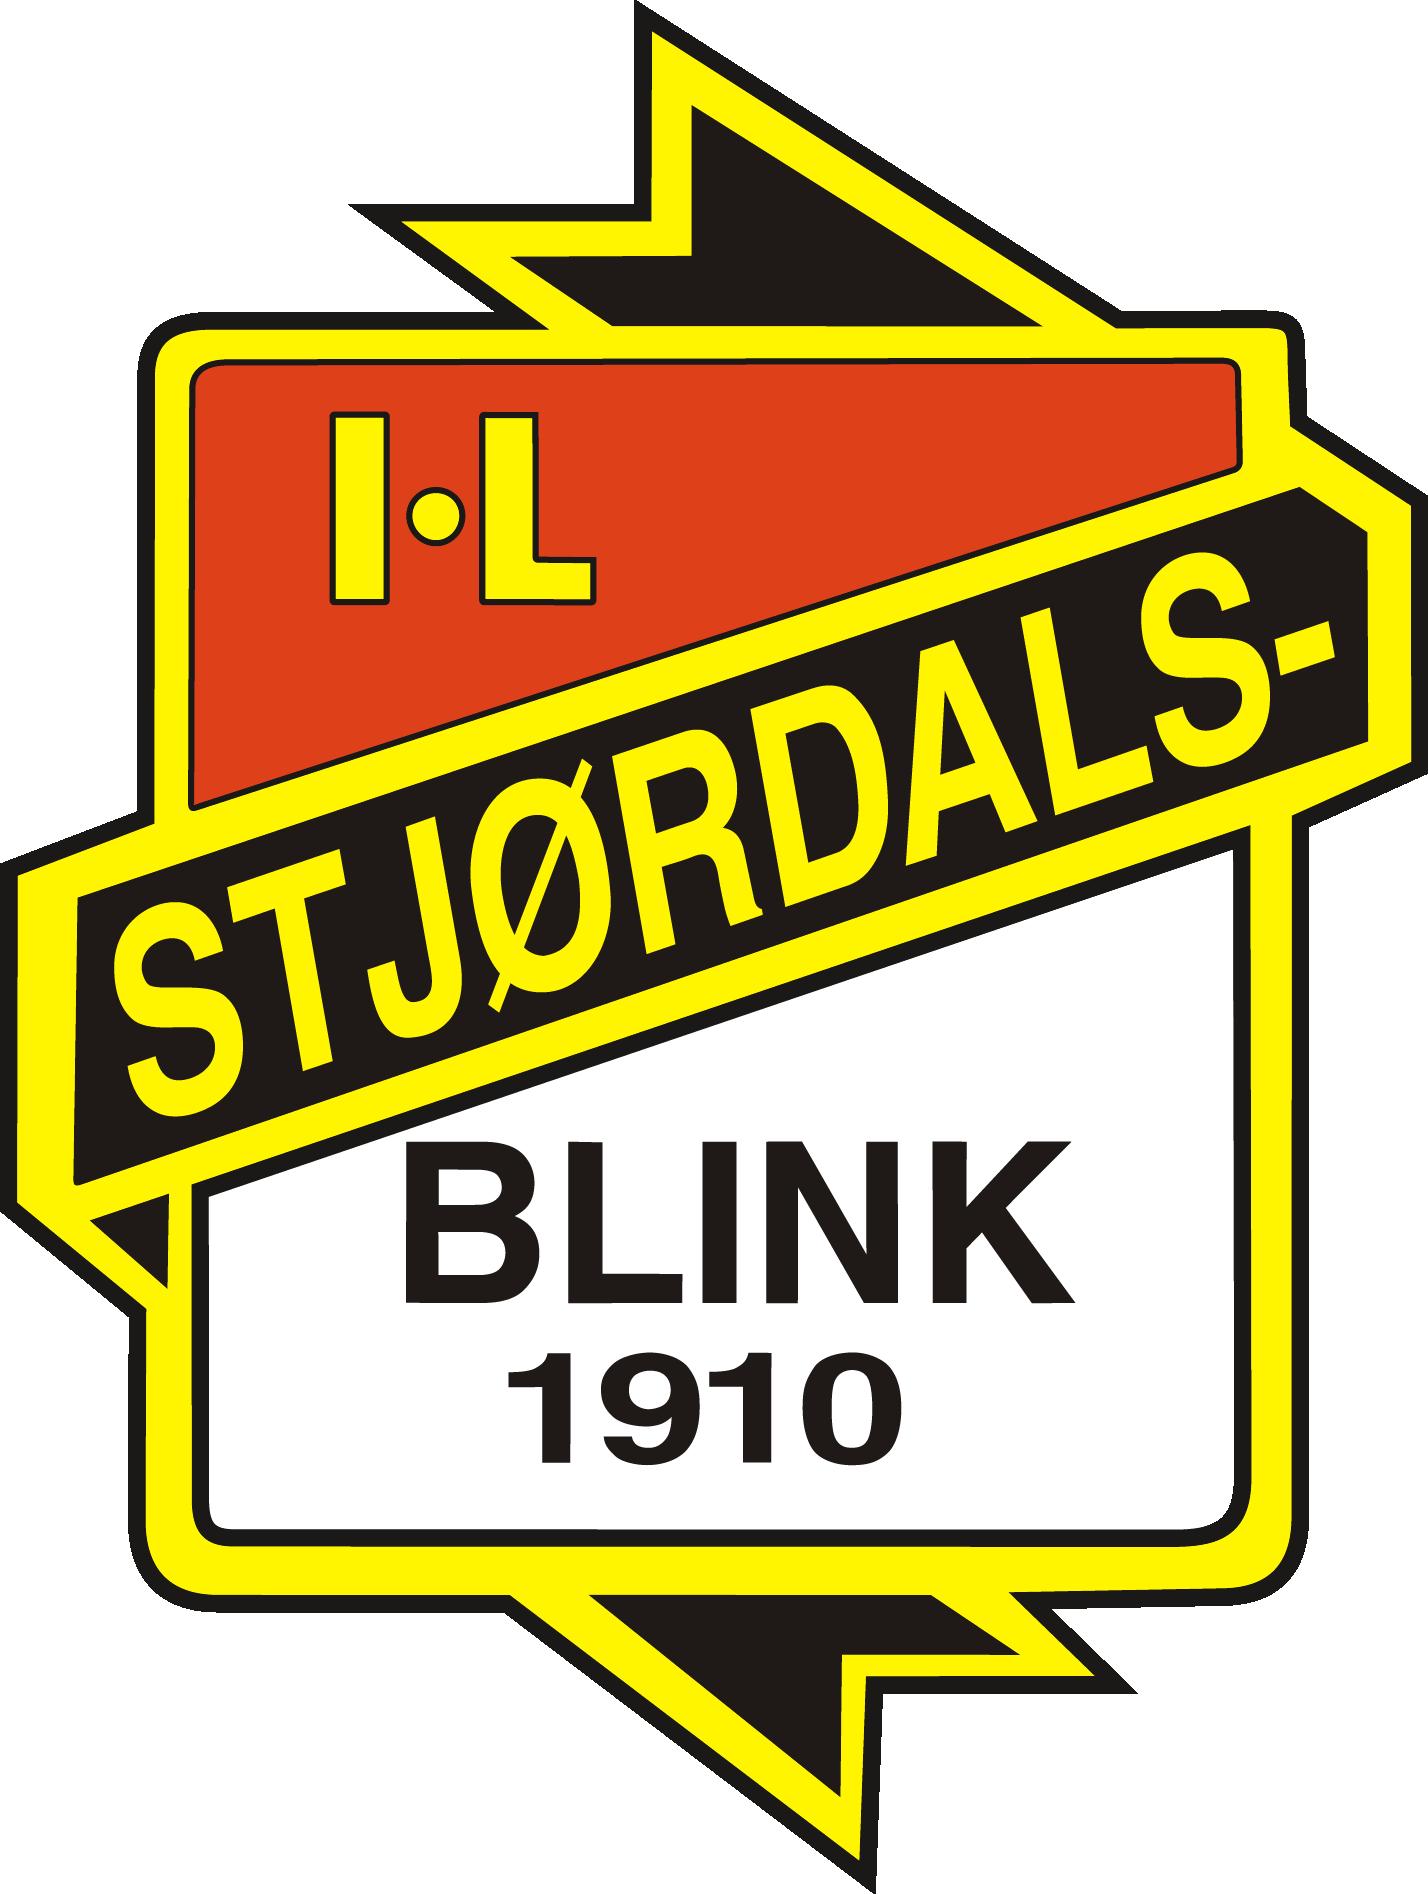 Stjordals-Blink logo